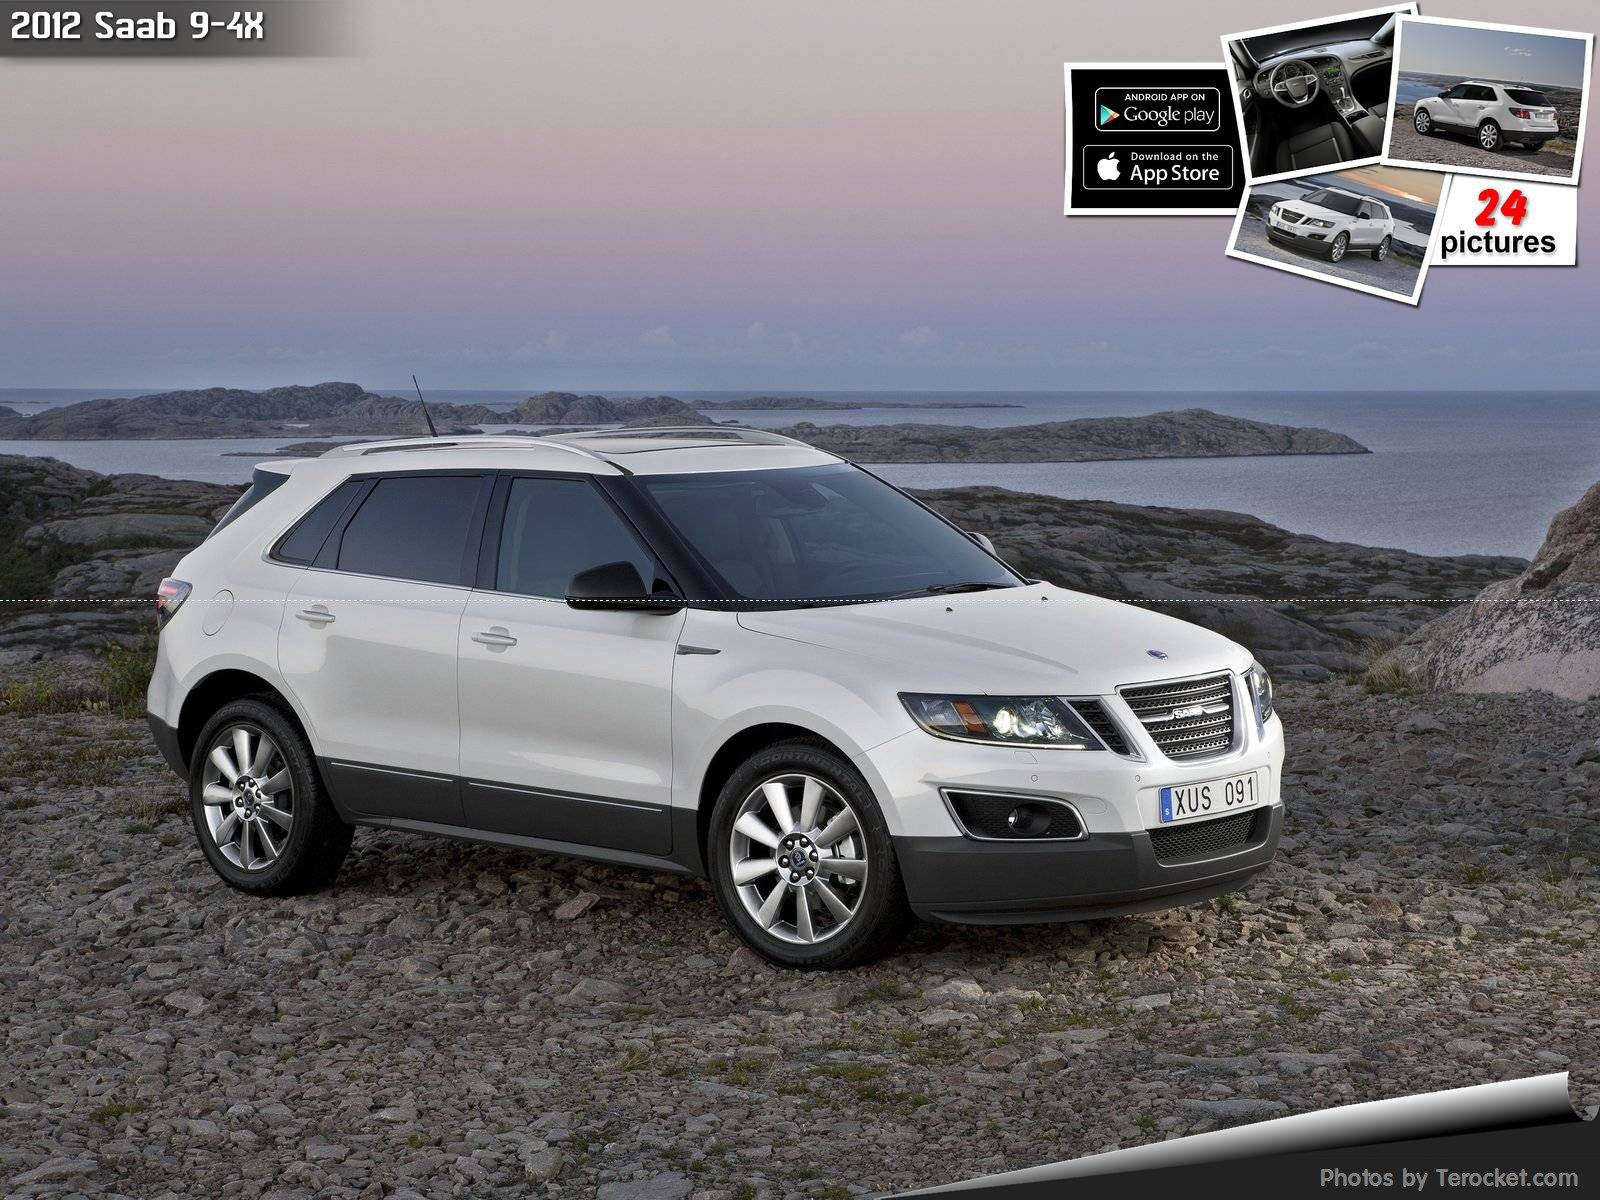 Hình ảnh xe ô tô Saab 9-4X 2012 & nội ngoại thất